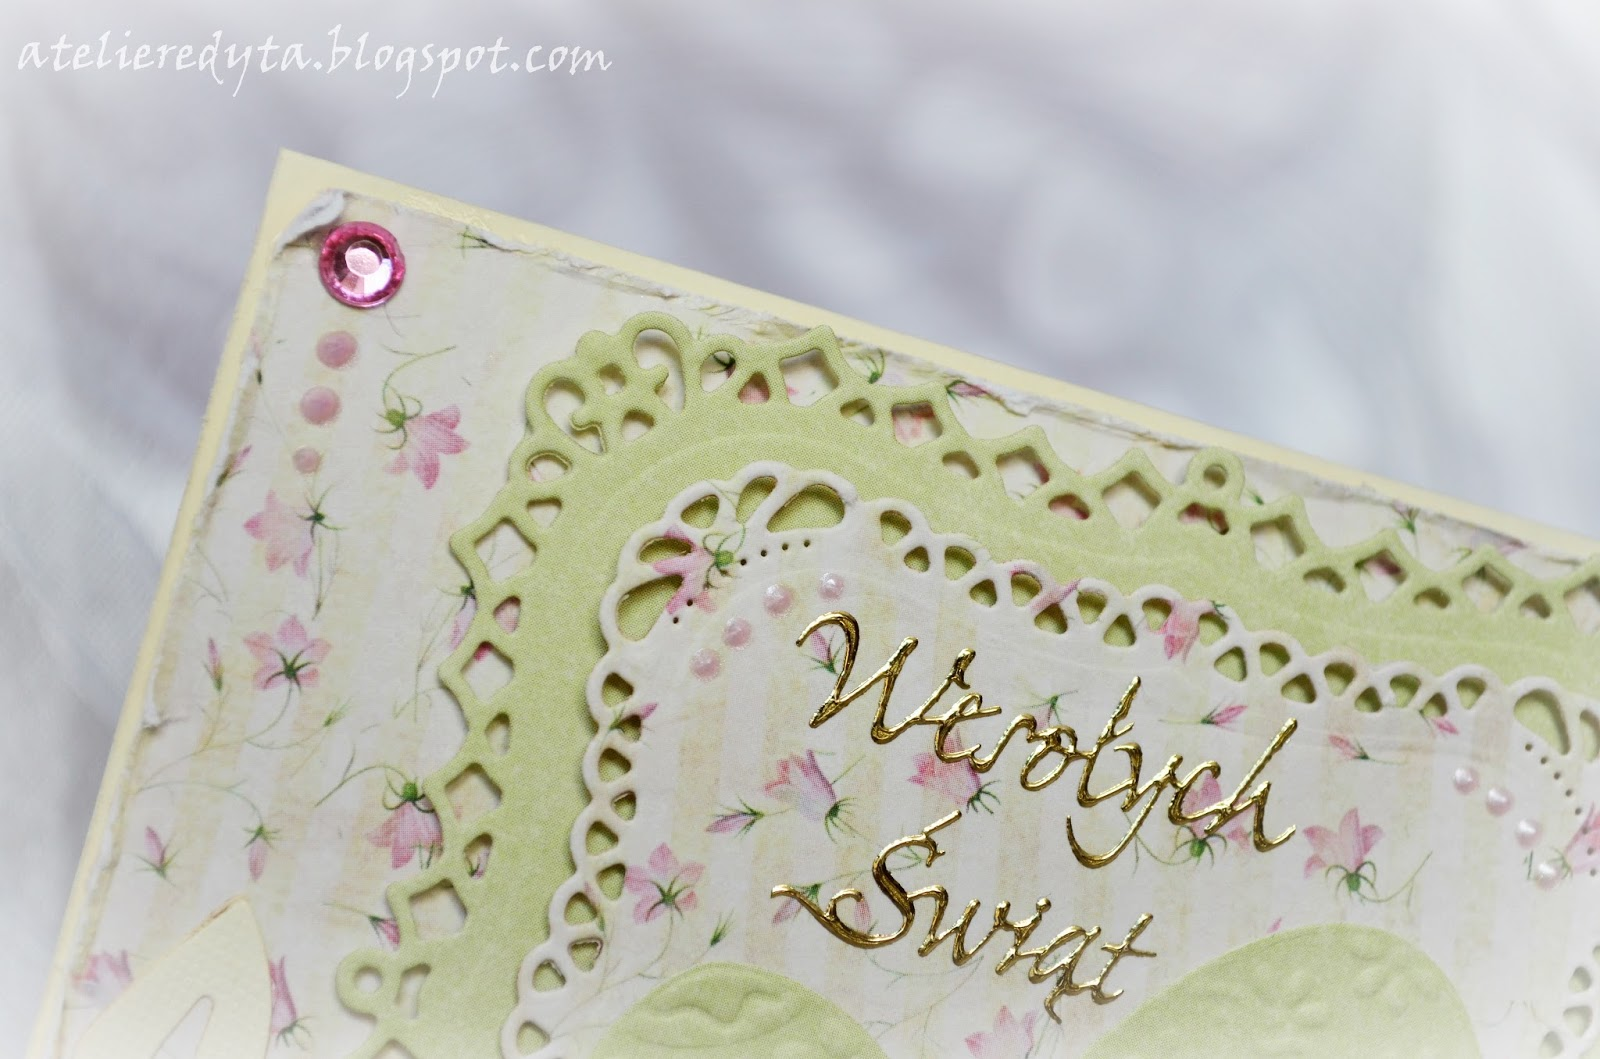 Ręcznie robiona kartka wielkanocna w pastelowych kolorach z pisankami